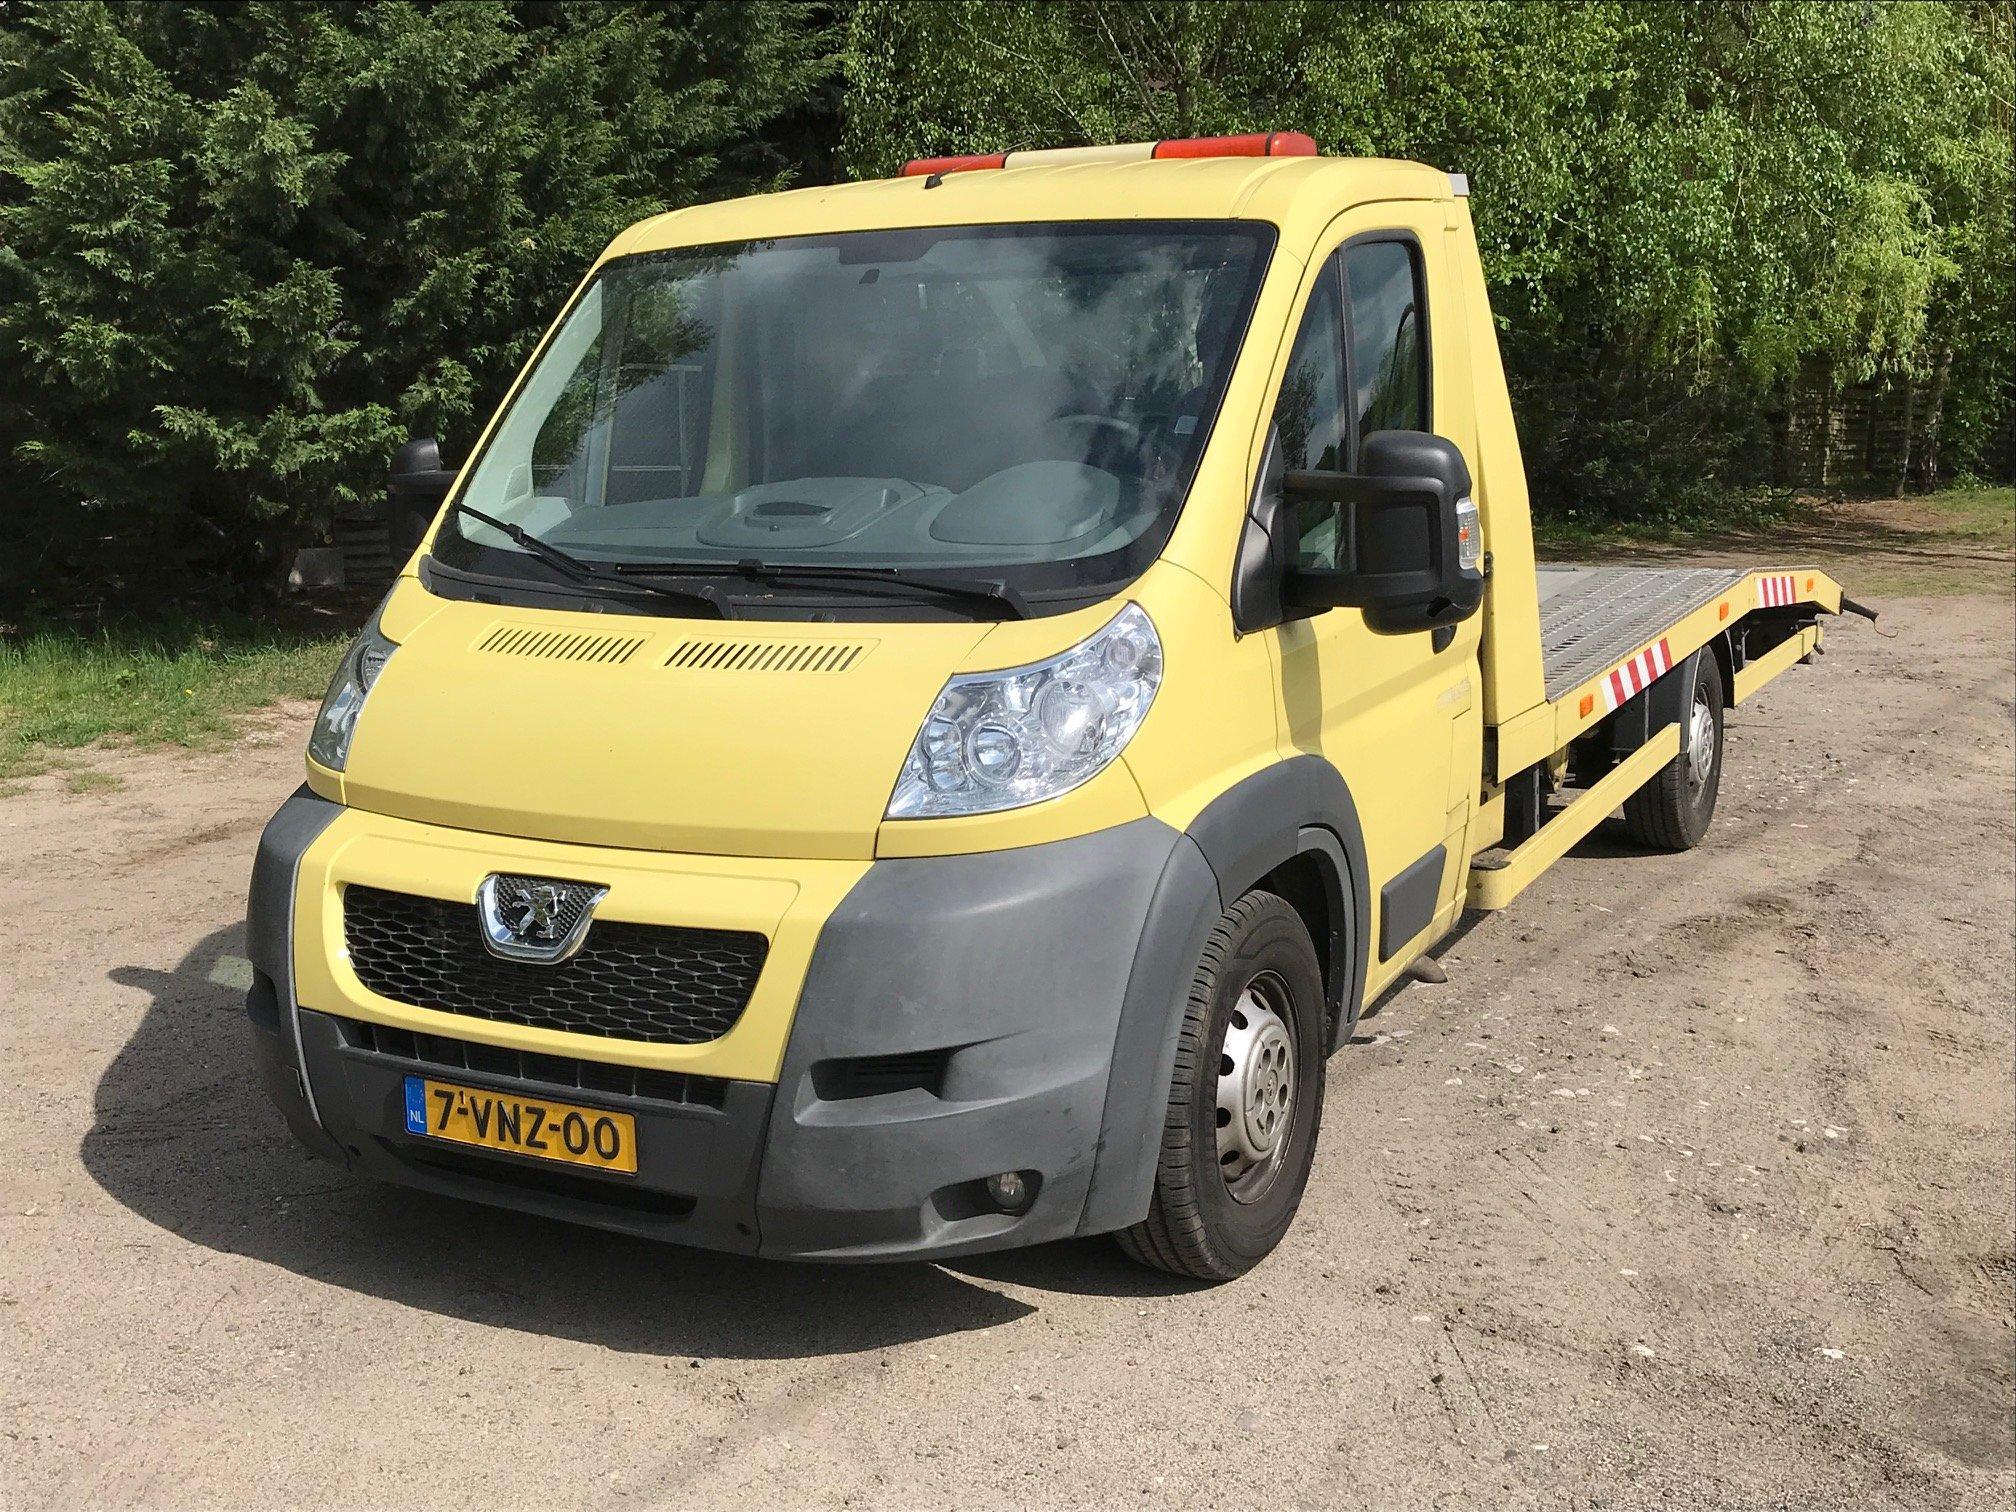 Peugeot Boxer 3.0 diesel mały przebieg 180000